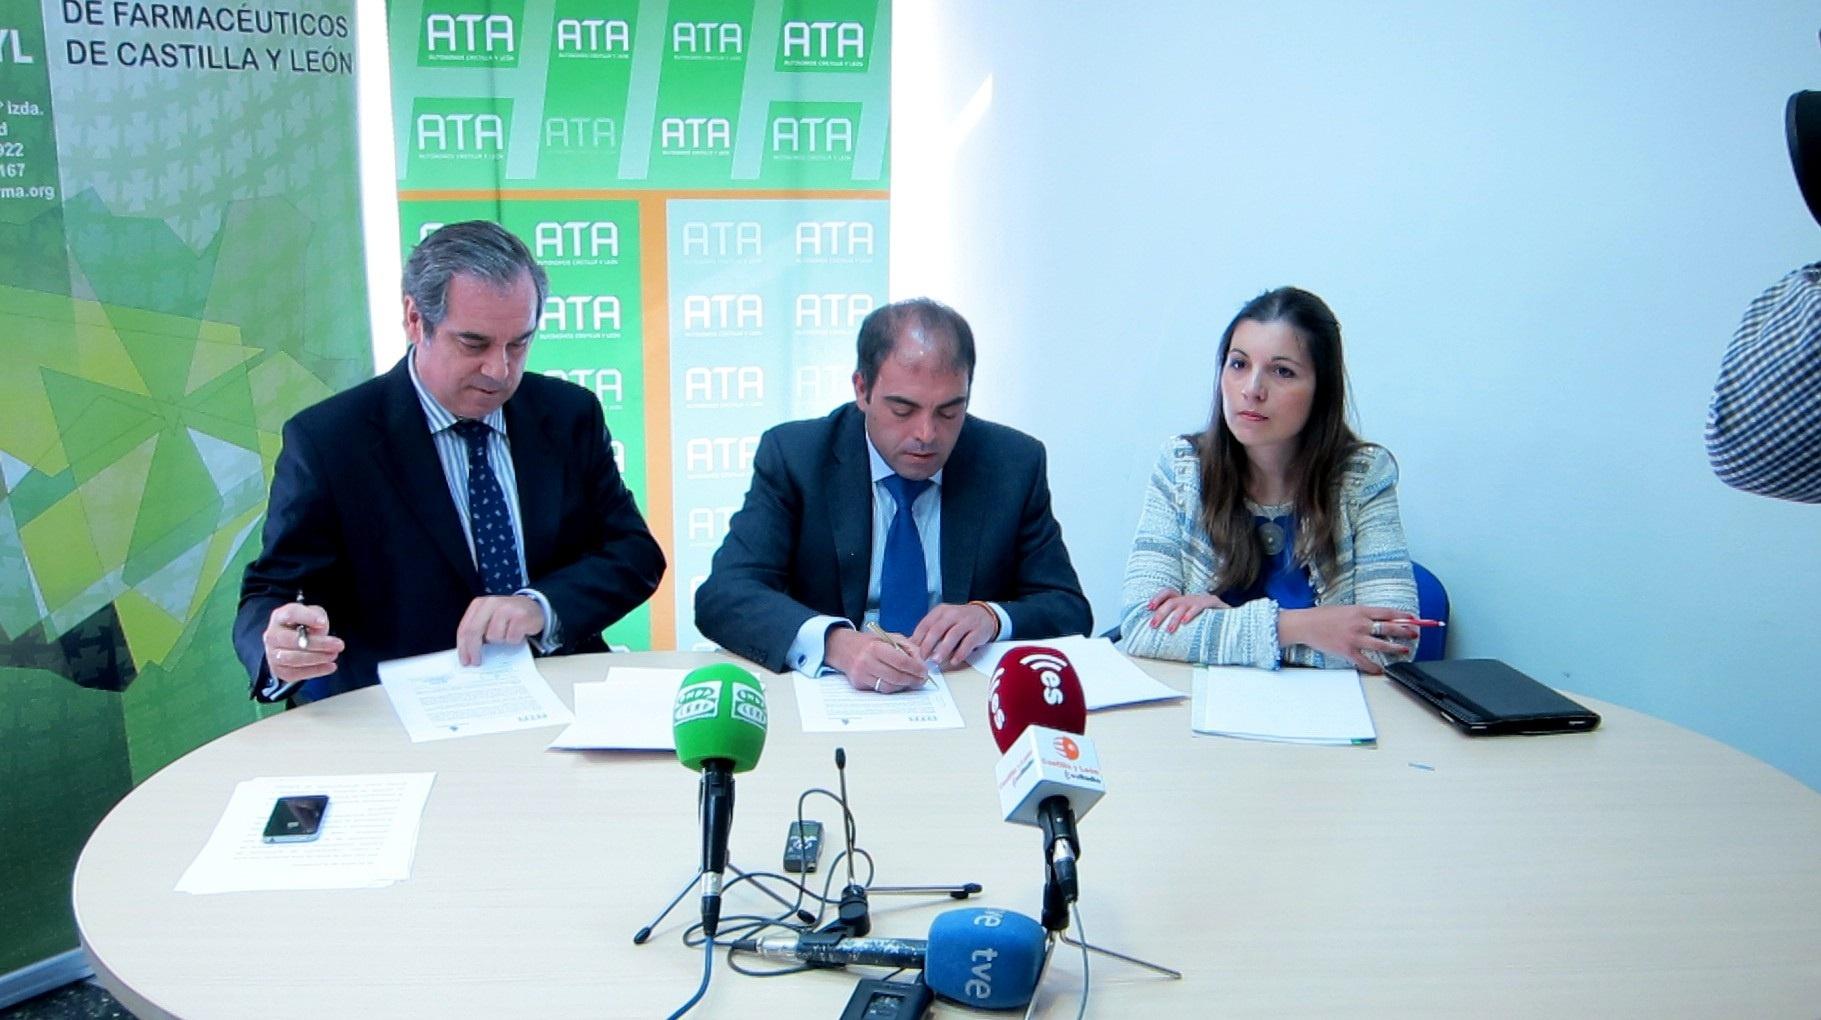 ATA y farmacéuticos firman un convenio de colaboración para impulsar la actividad empresarial sanitaria